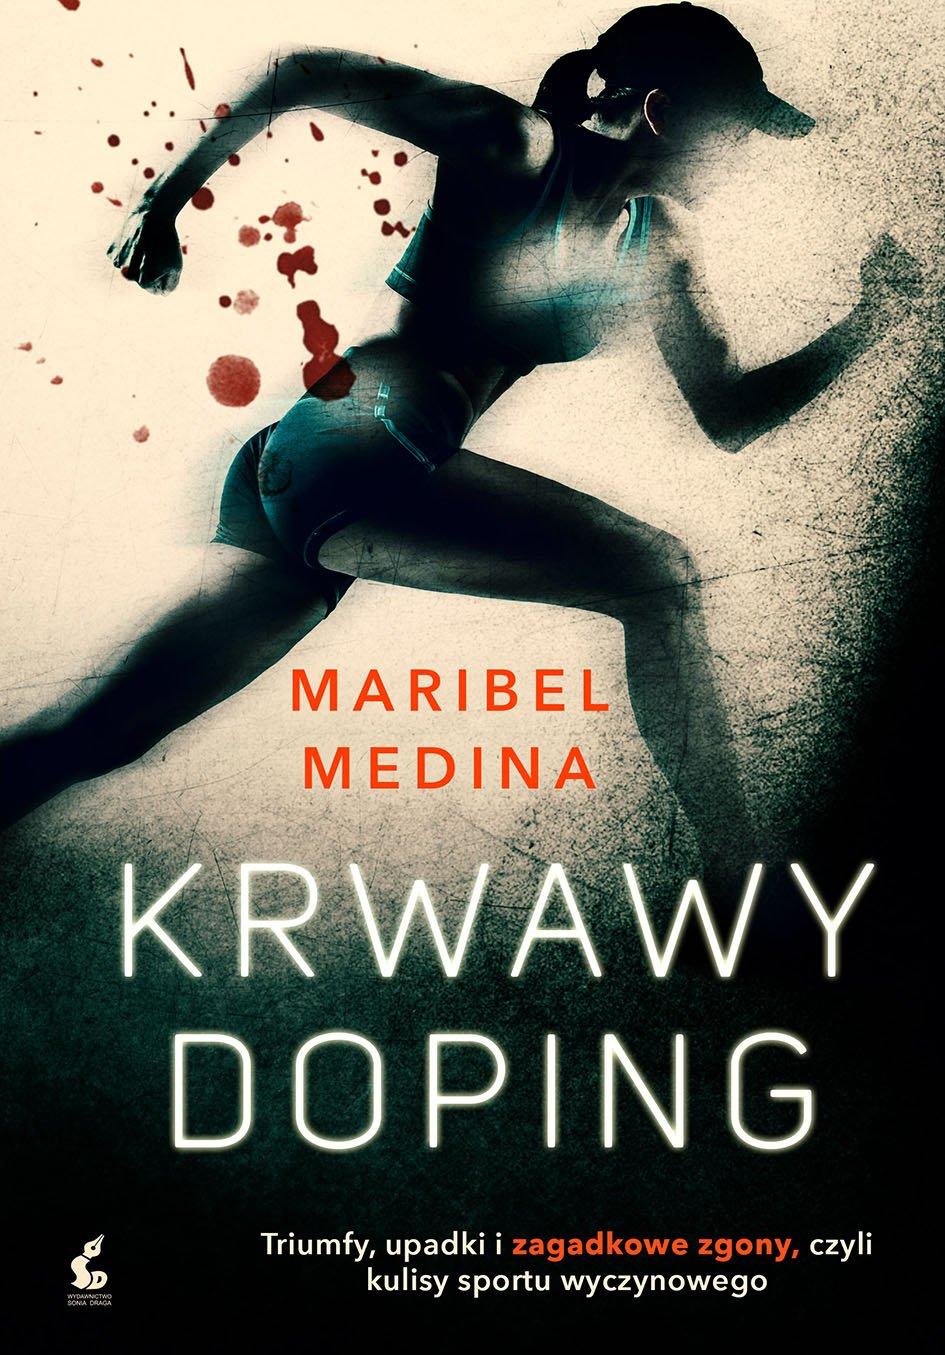 Krwawy doping - Ebook (Książka EPUB) do pobrania w formacie EPUB